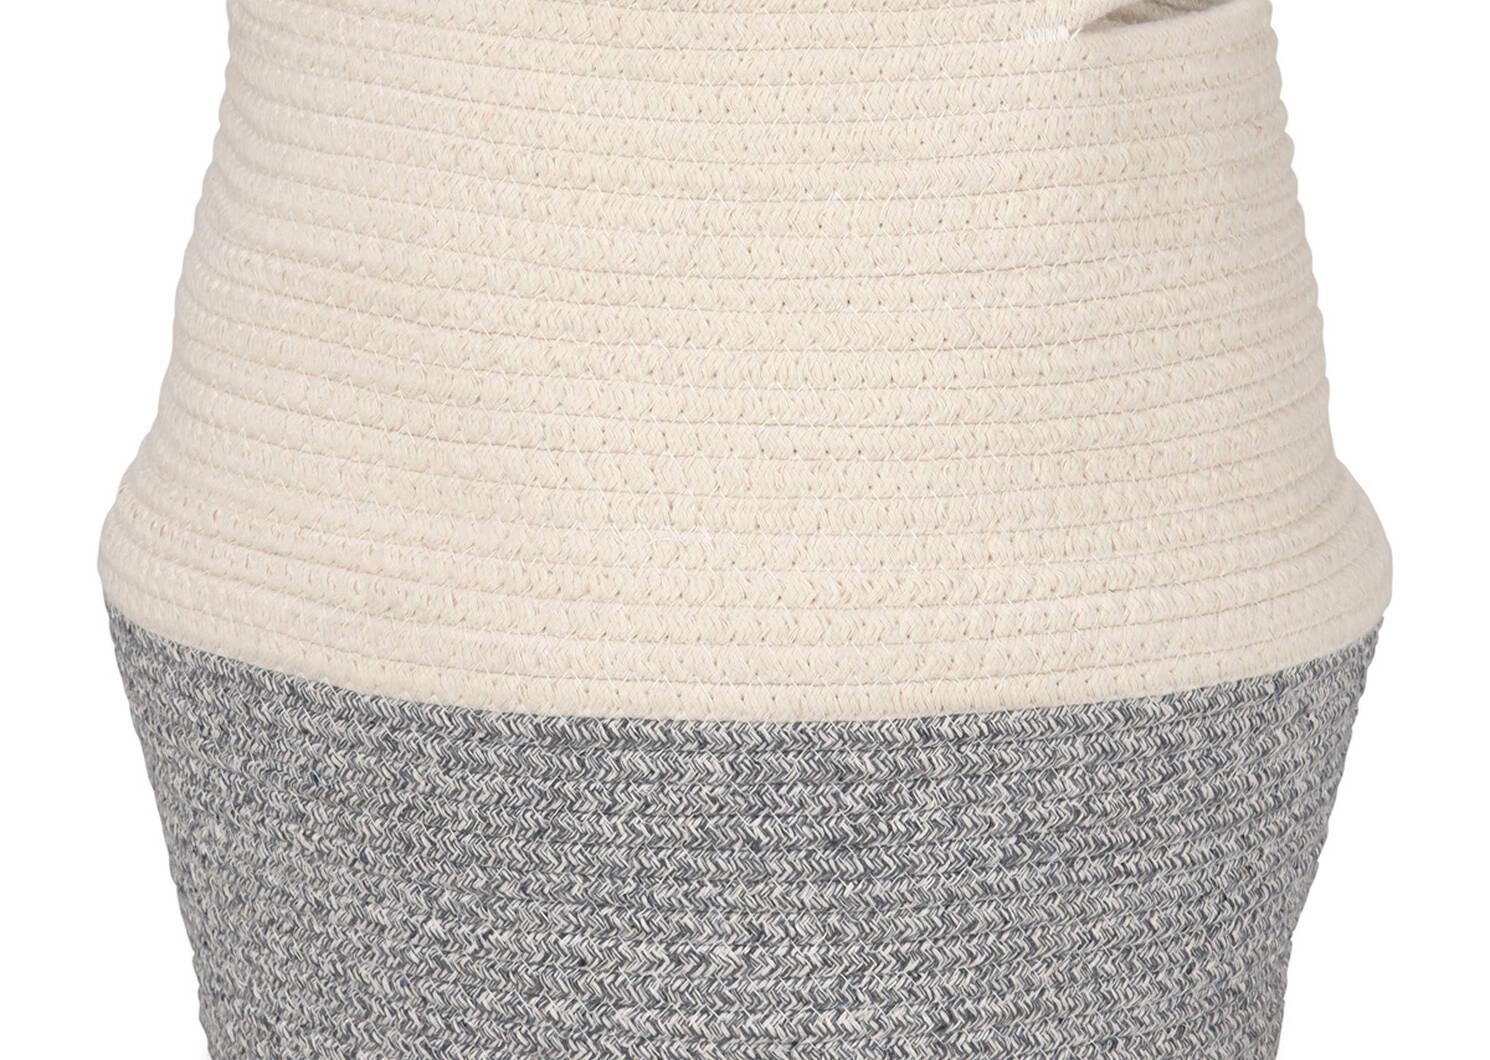 Tai Baskets -Natural/Grey